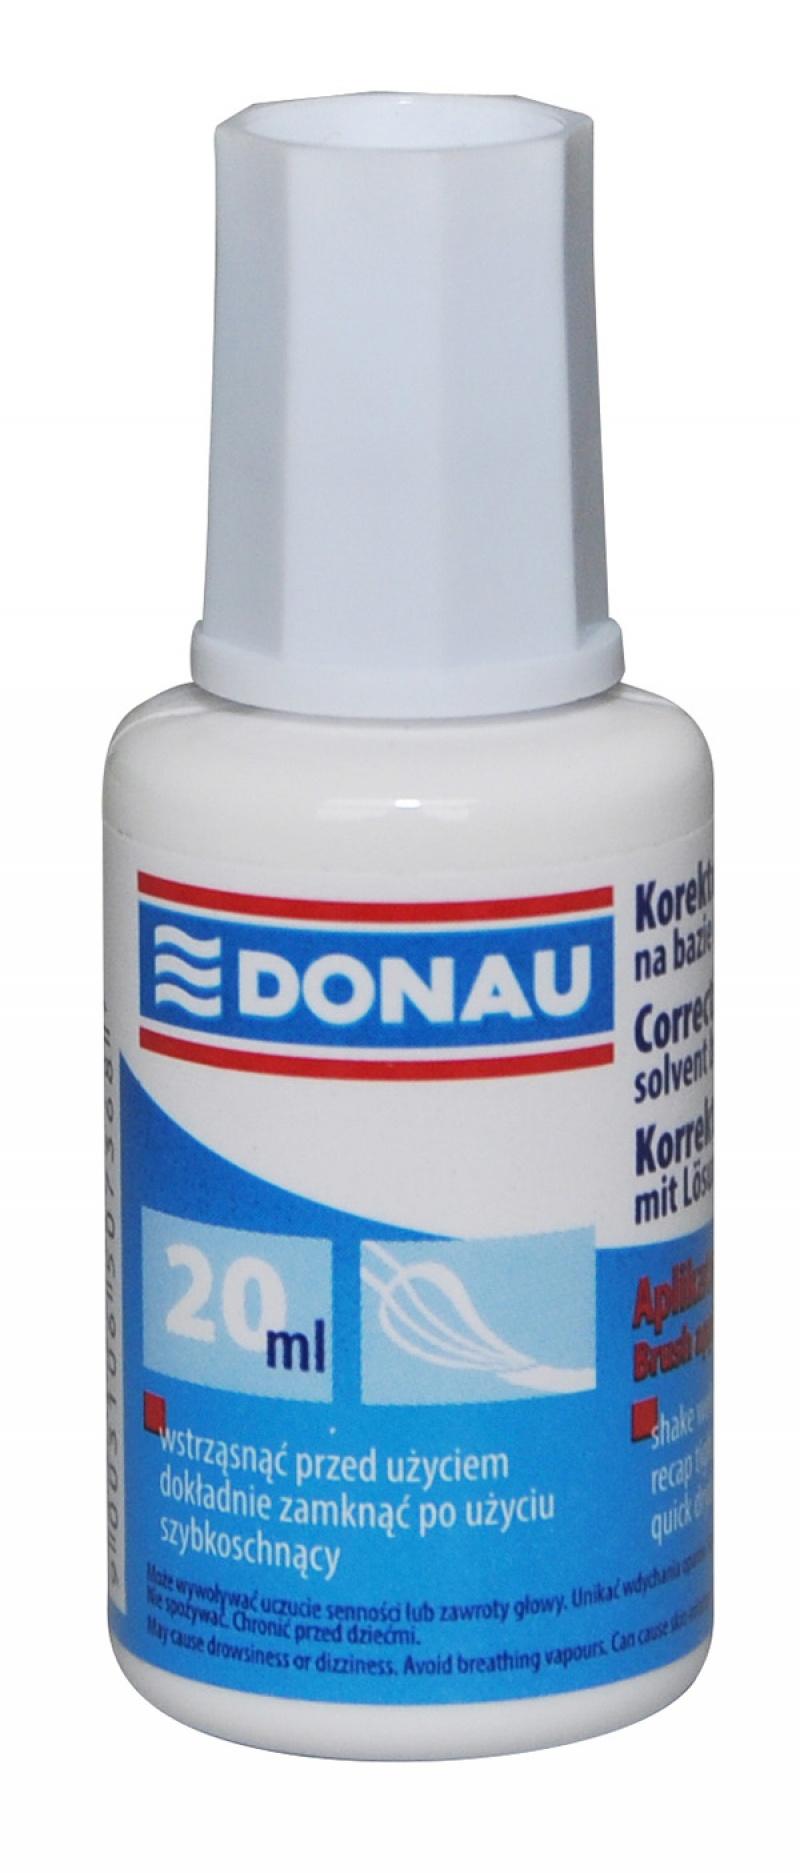 Fluid corector cu pensula, 20ml,  Donau